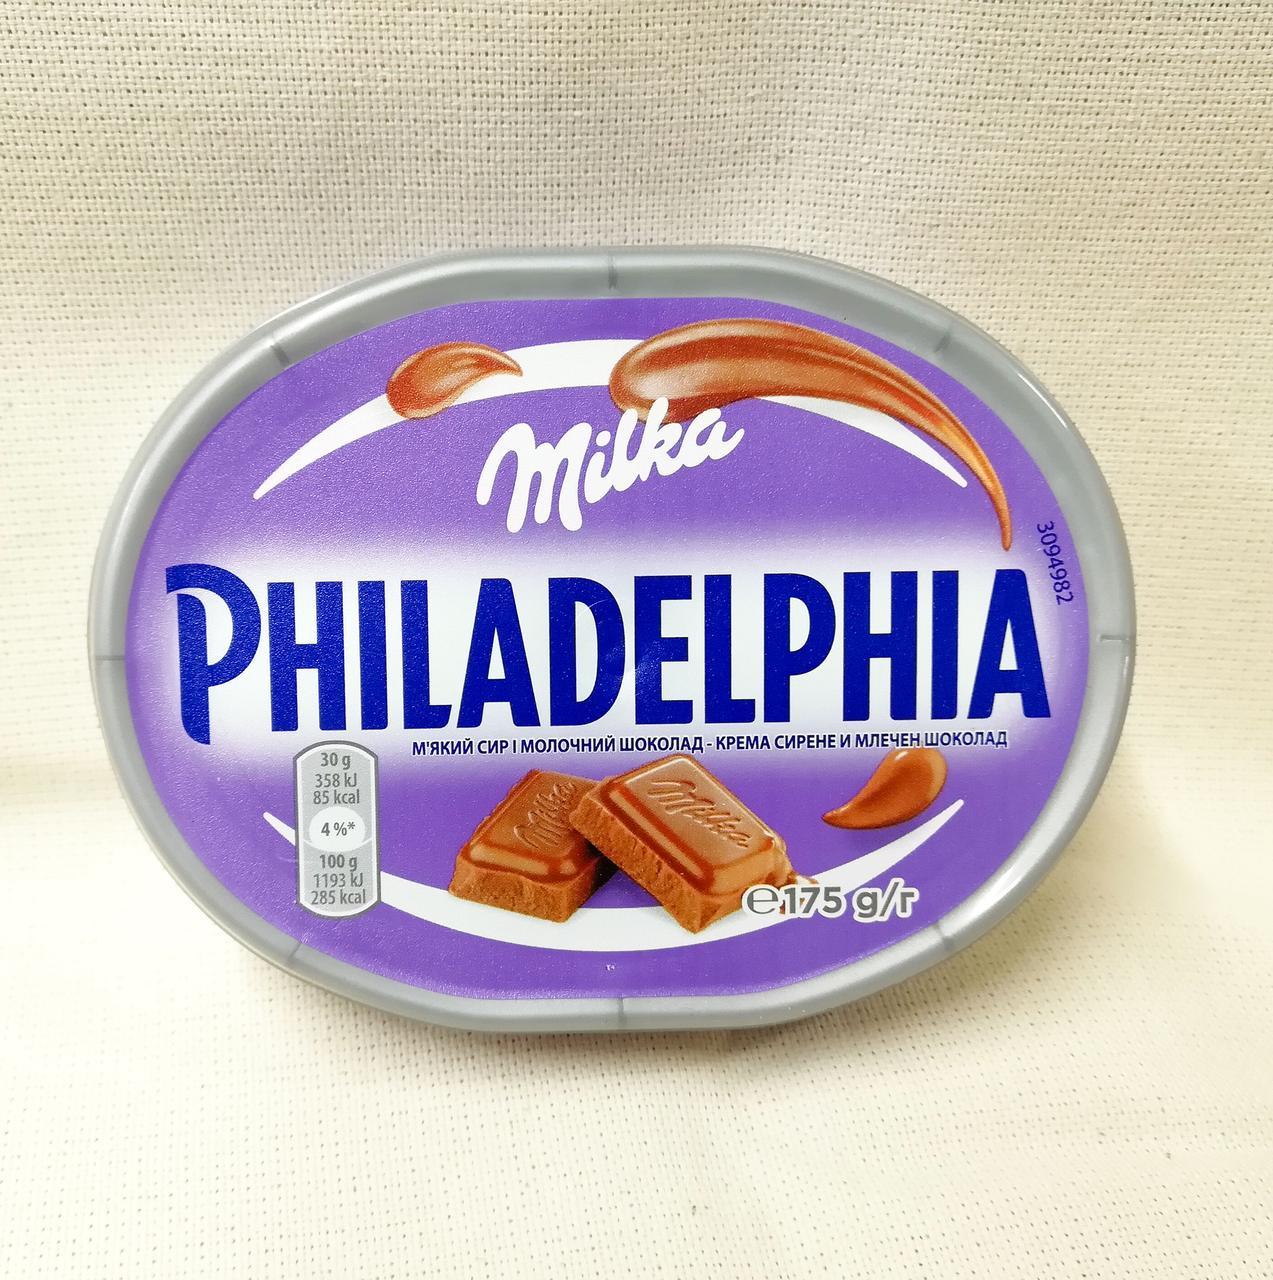 Philadelphia Milka 175 gram